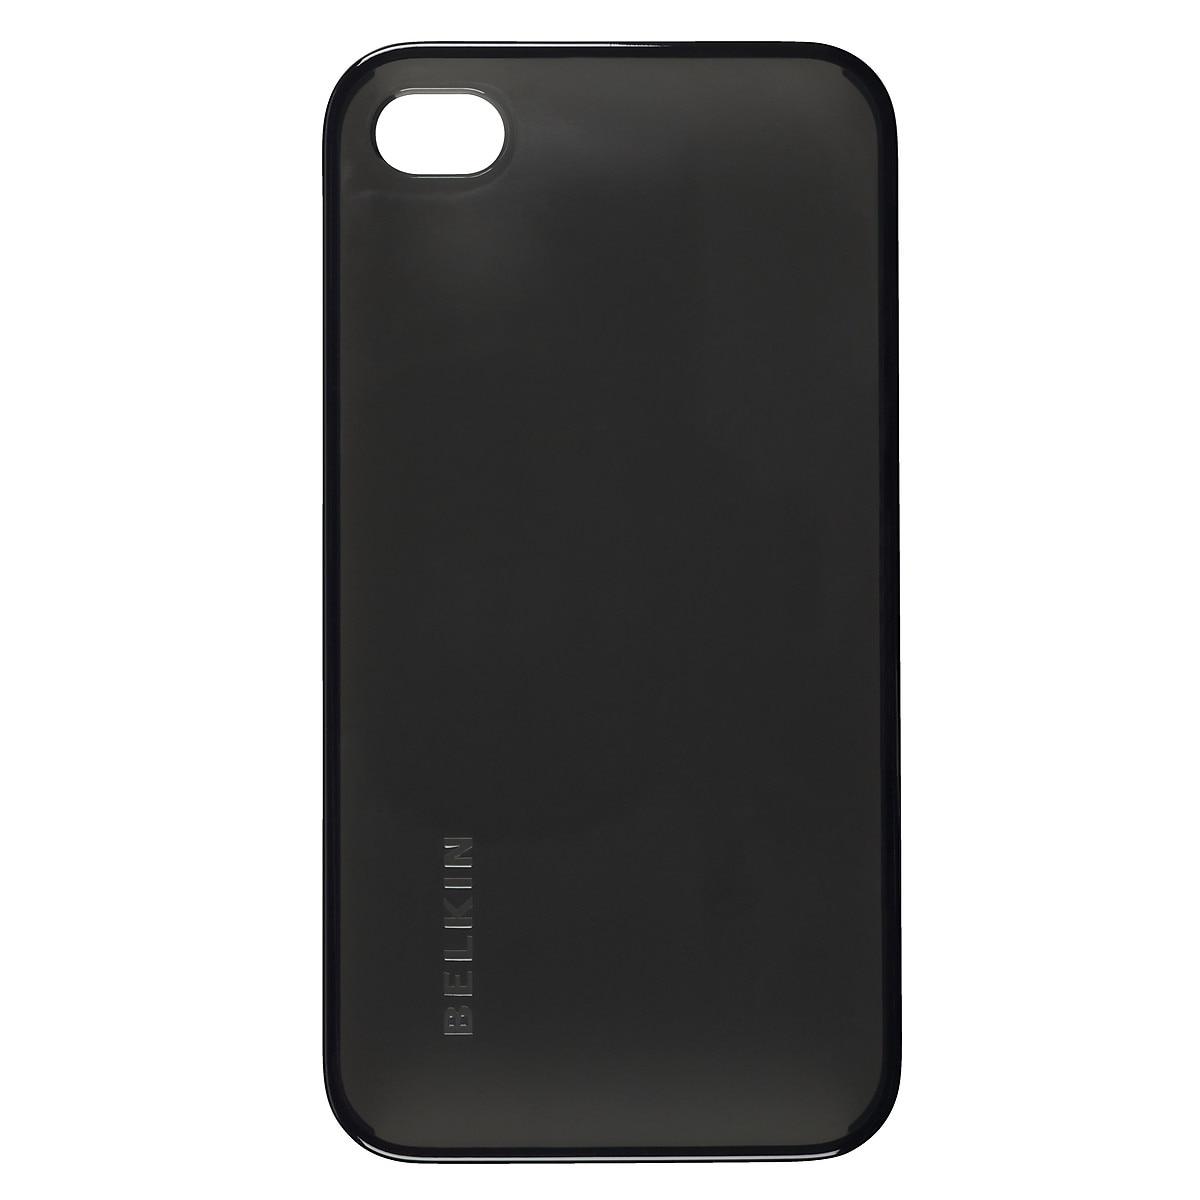 Micra-kuori iPhone 4:lle Belkin